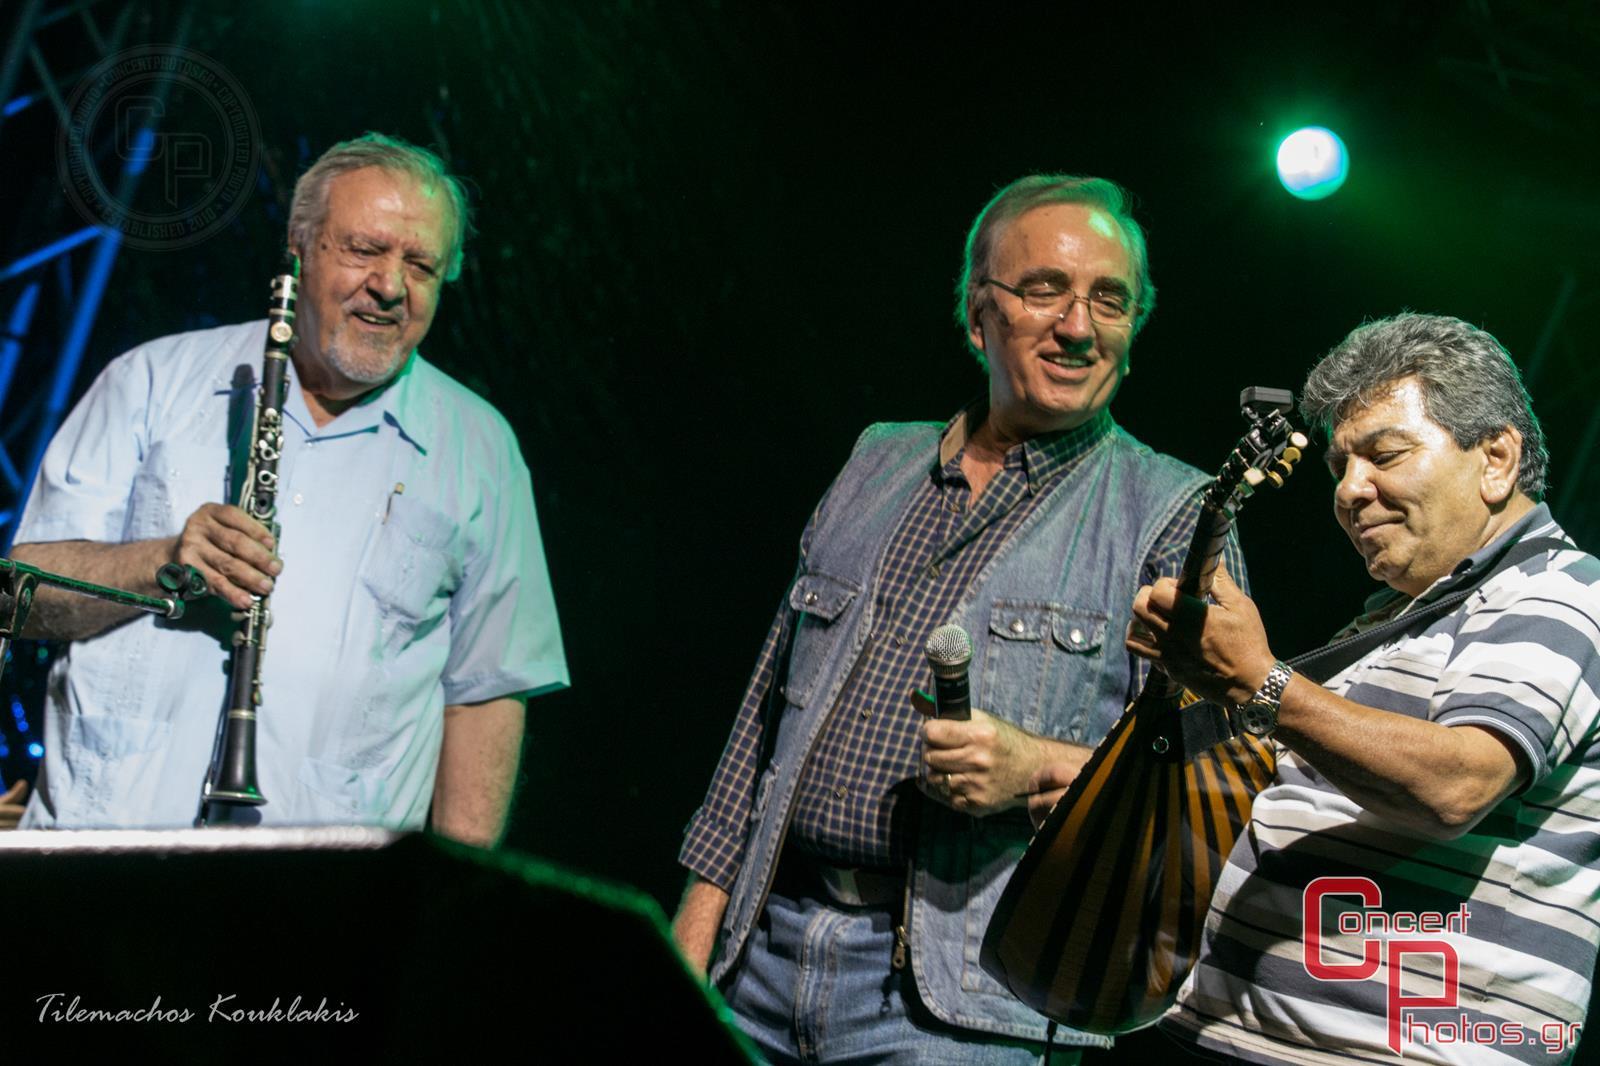 Μία συναυλία για τη Σχεδία 2014-Sxedia 2014 photographer:  - concertphotos_20140530_20_13_30-6